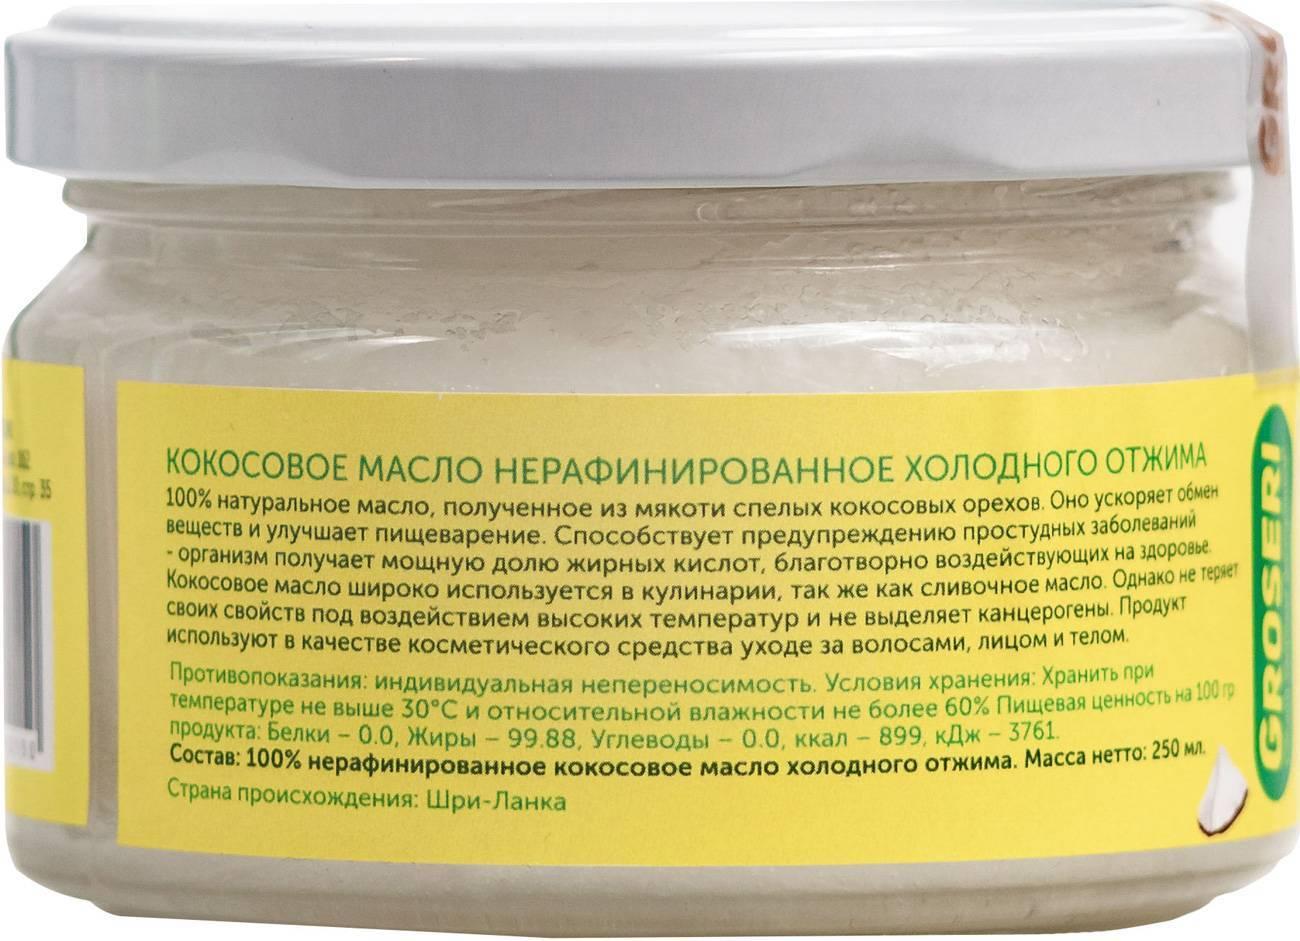 Как делают рафинированное и гидрогенизированное масло | macroeffect